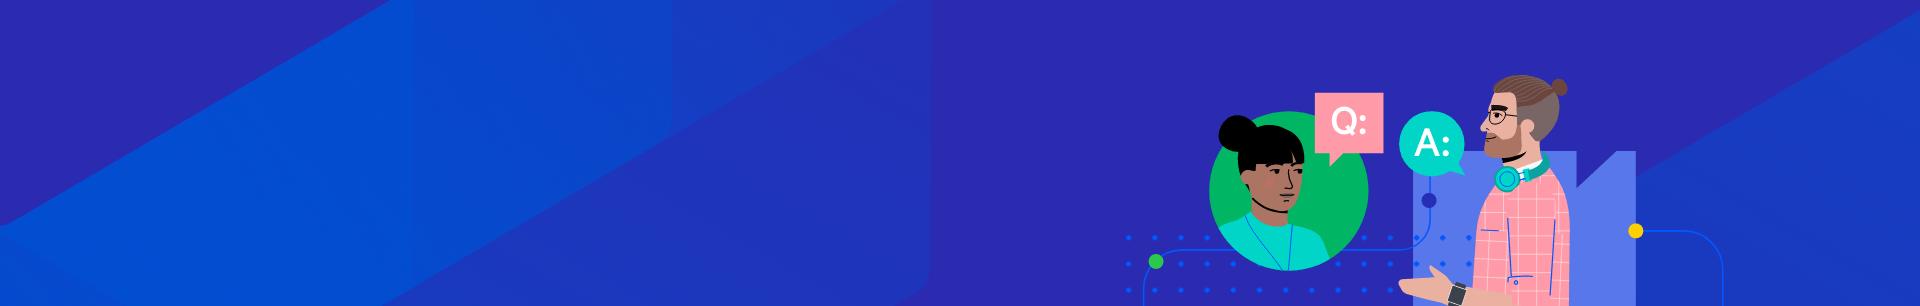 developers-kit-faqs-banner